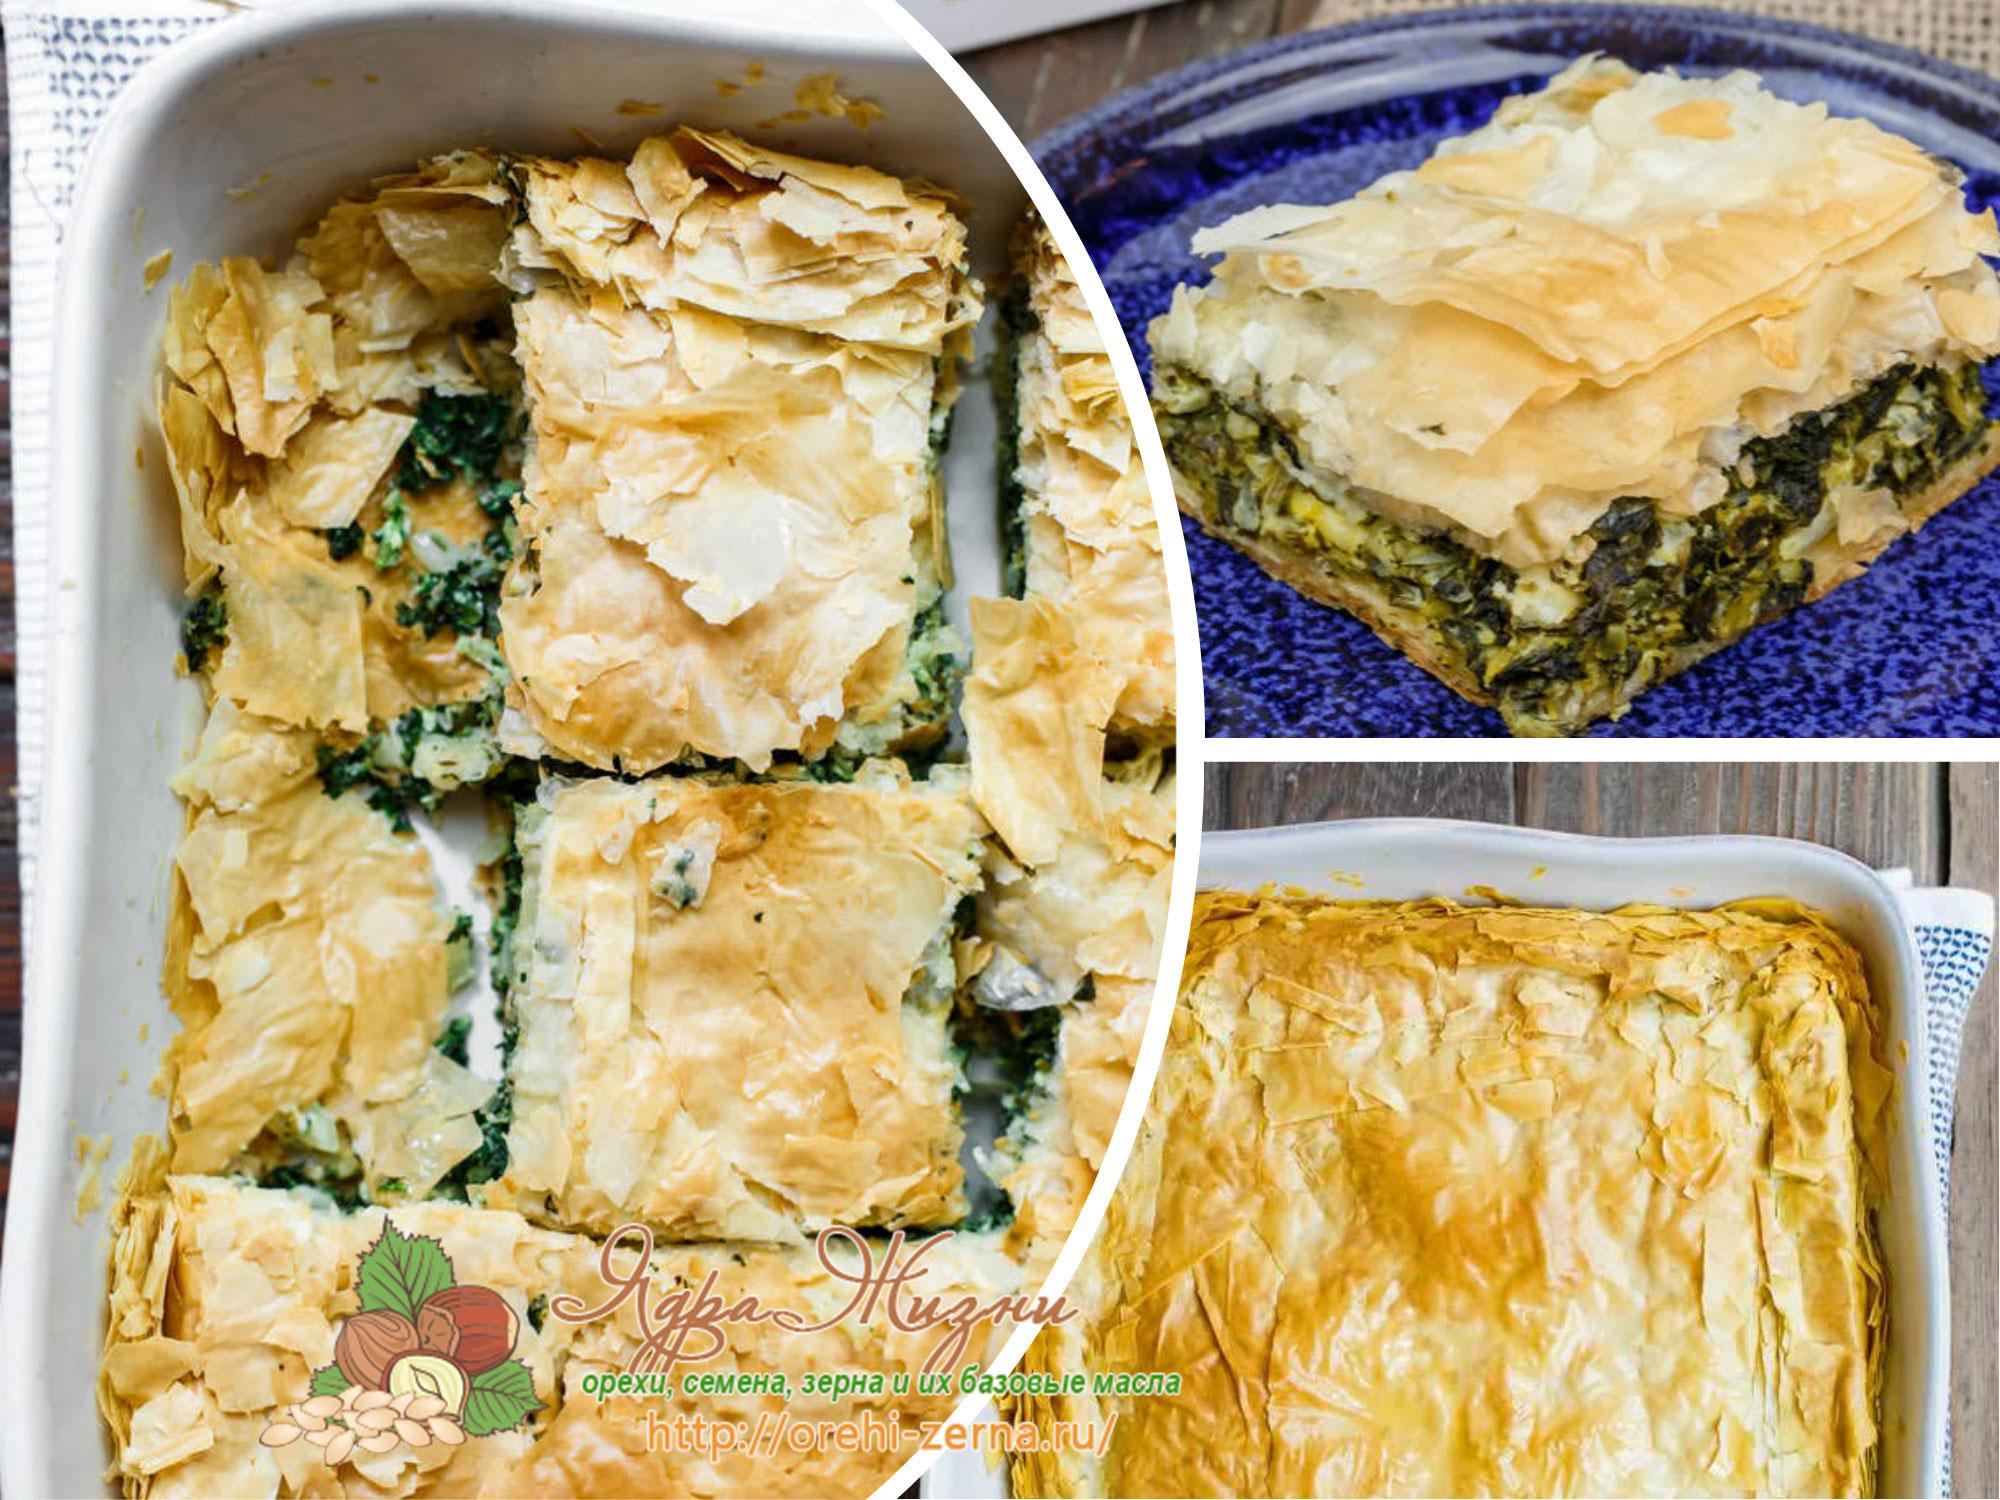 Пирожки с курицей и сыром в духовке пошаговый рецепт